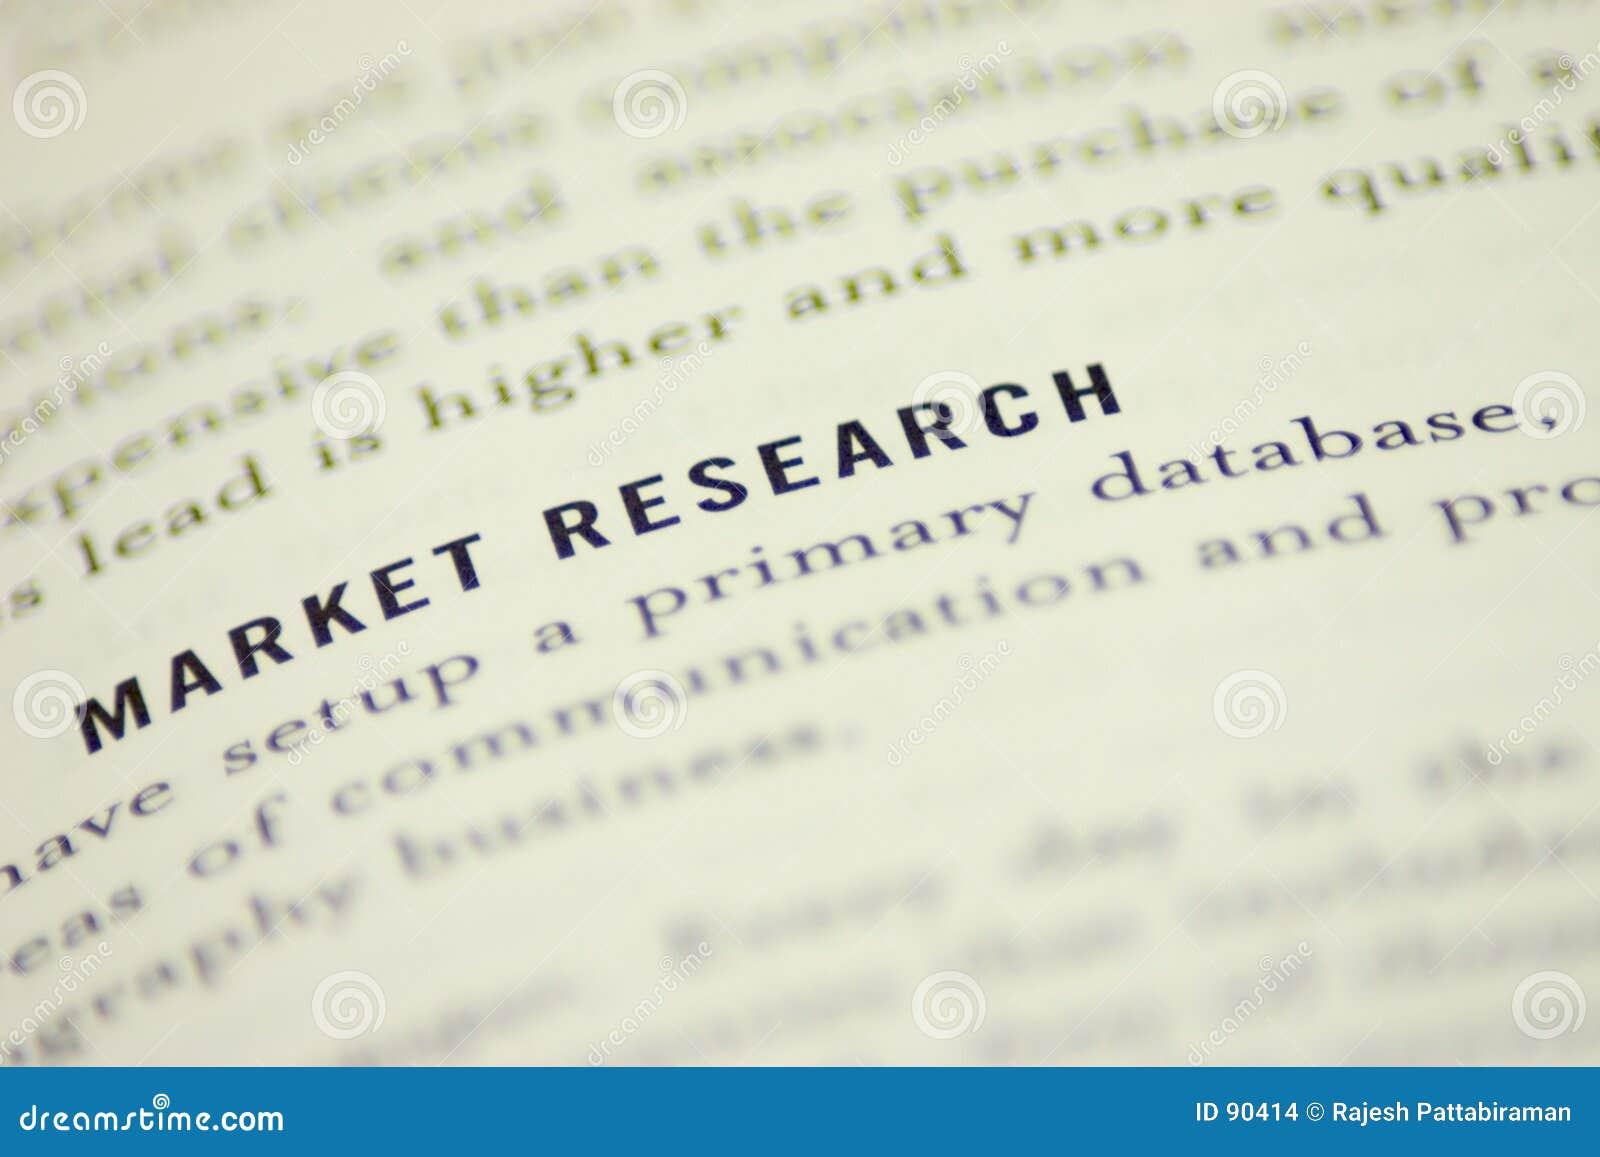 Recherche de marché